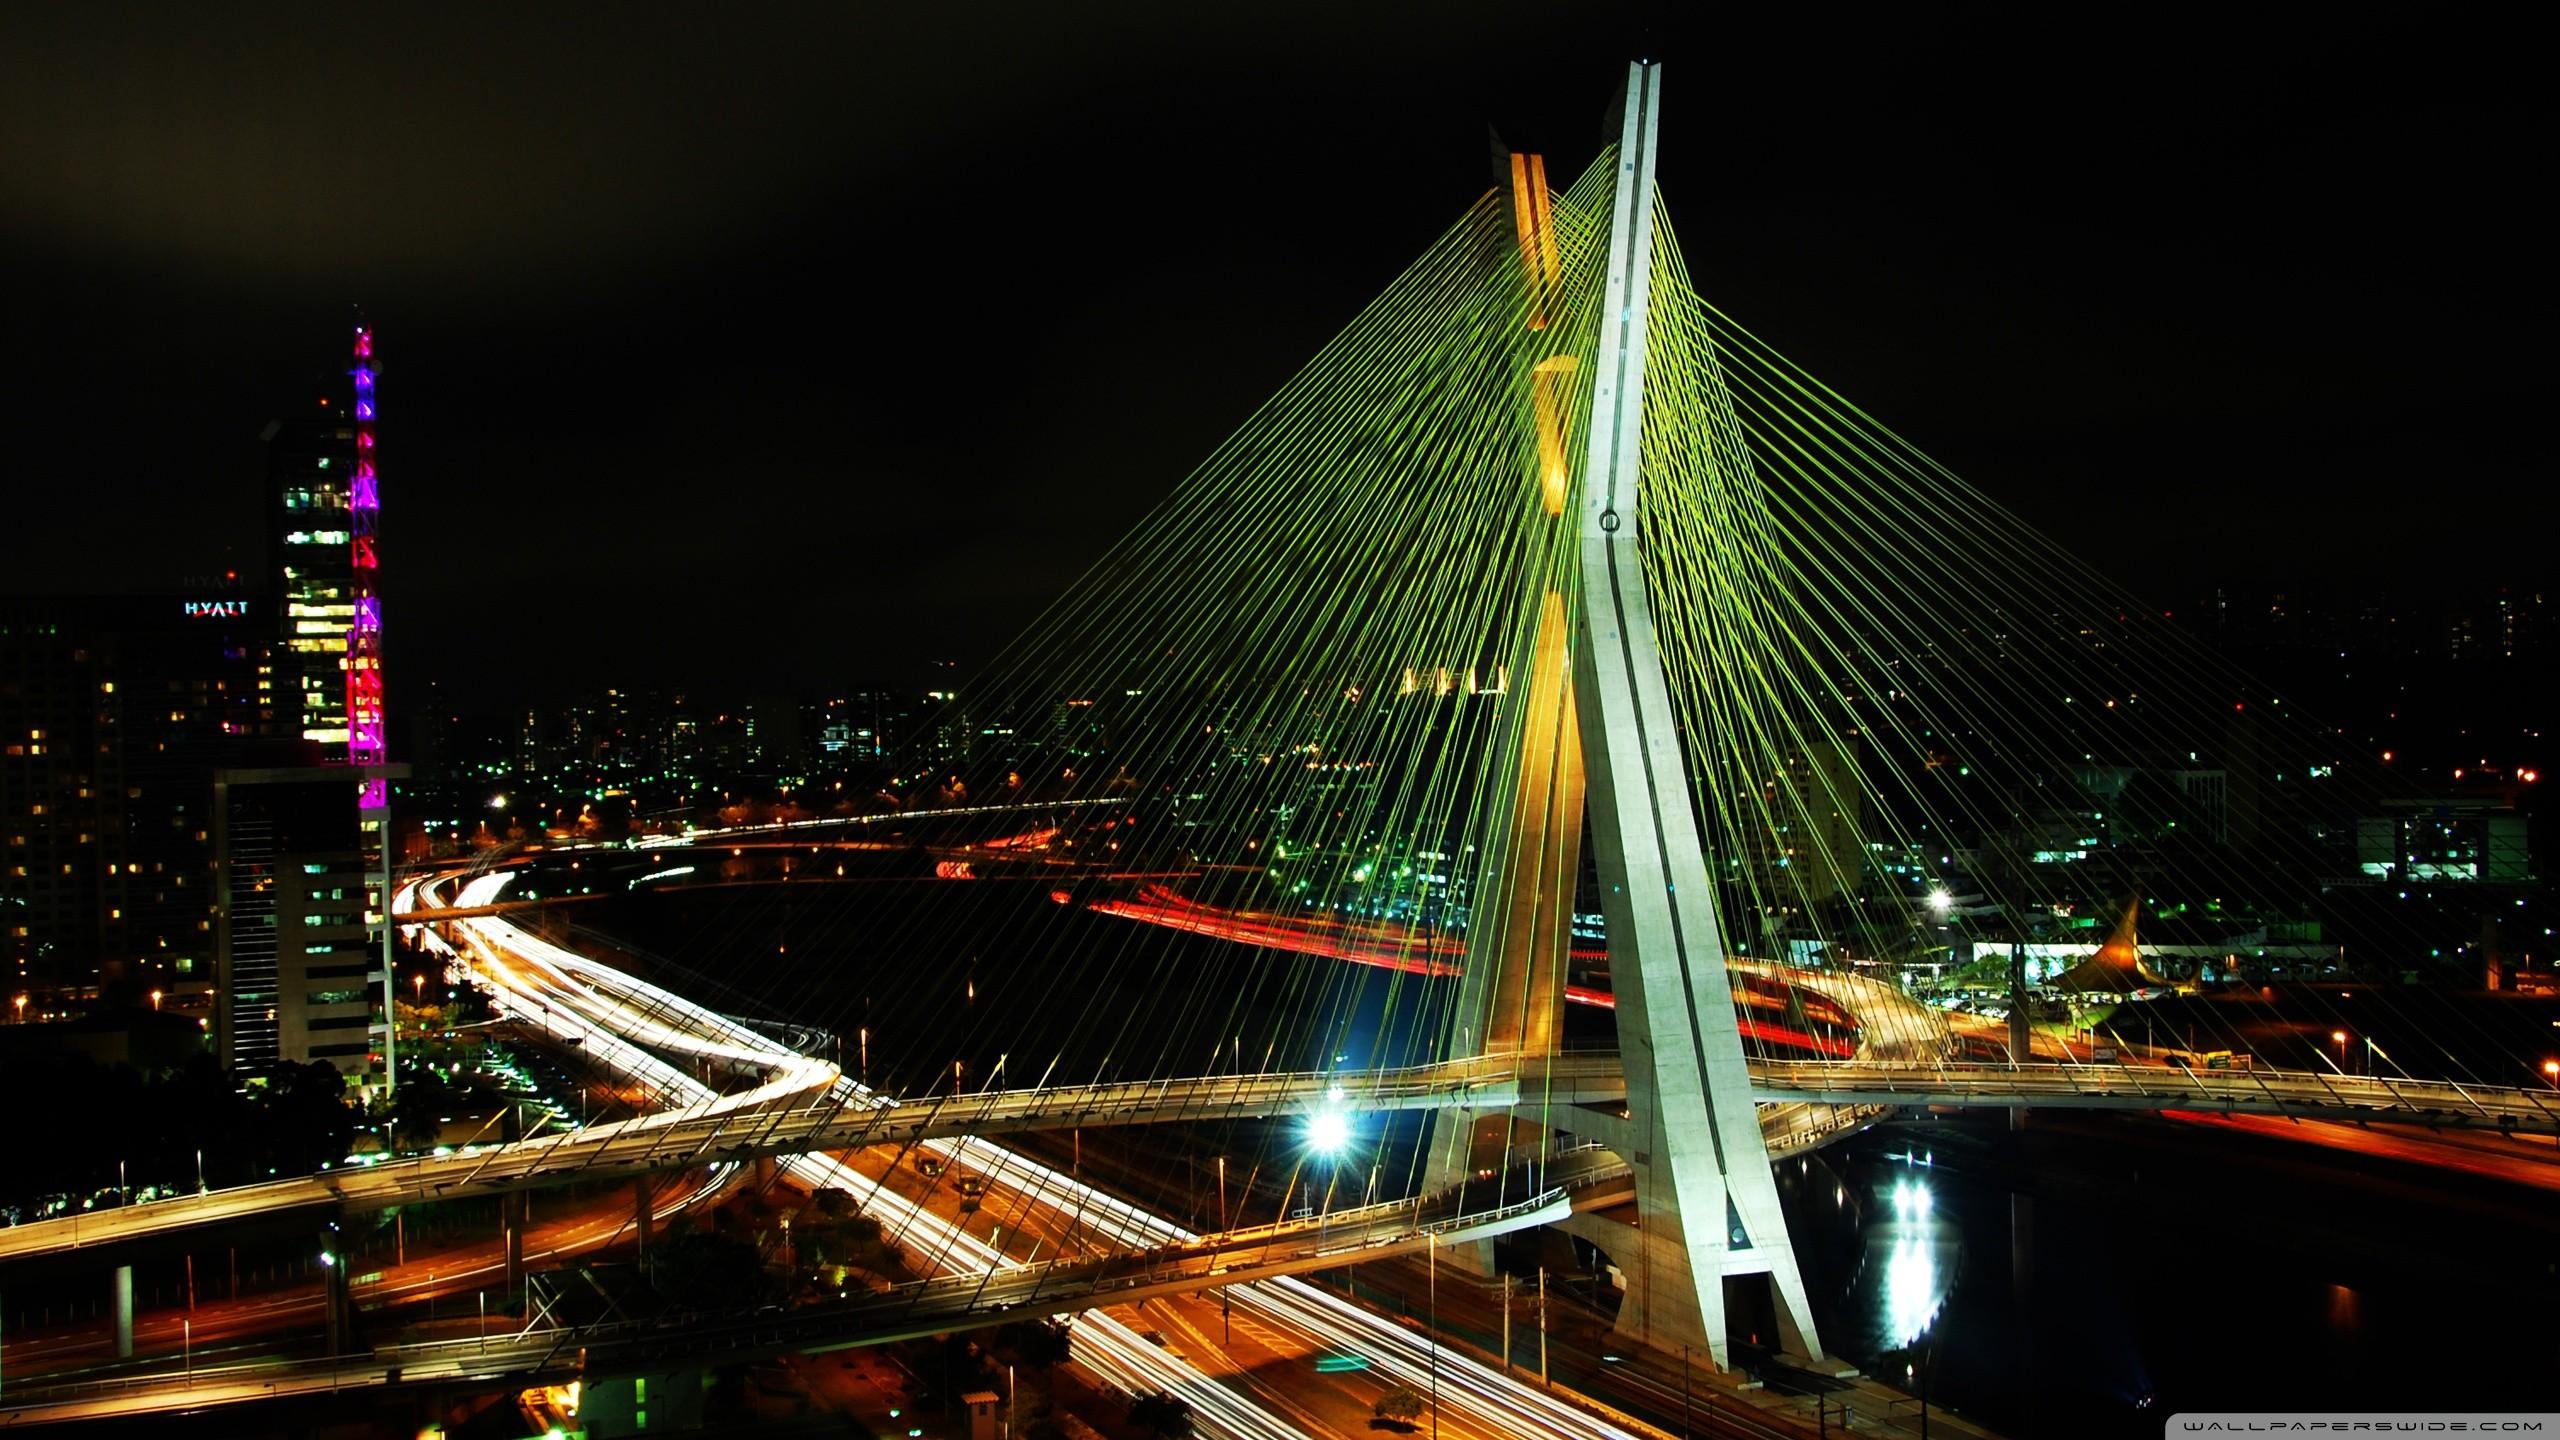 La ciudad de Sao Paulo - 2560x1440